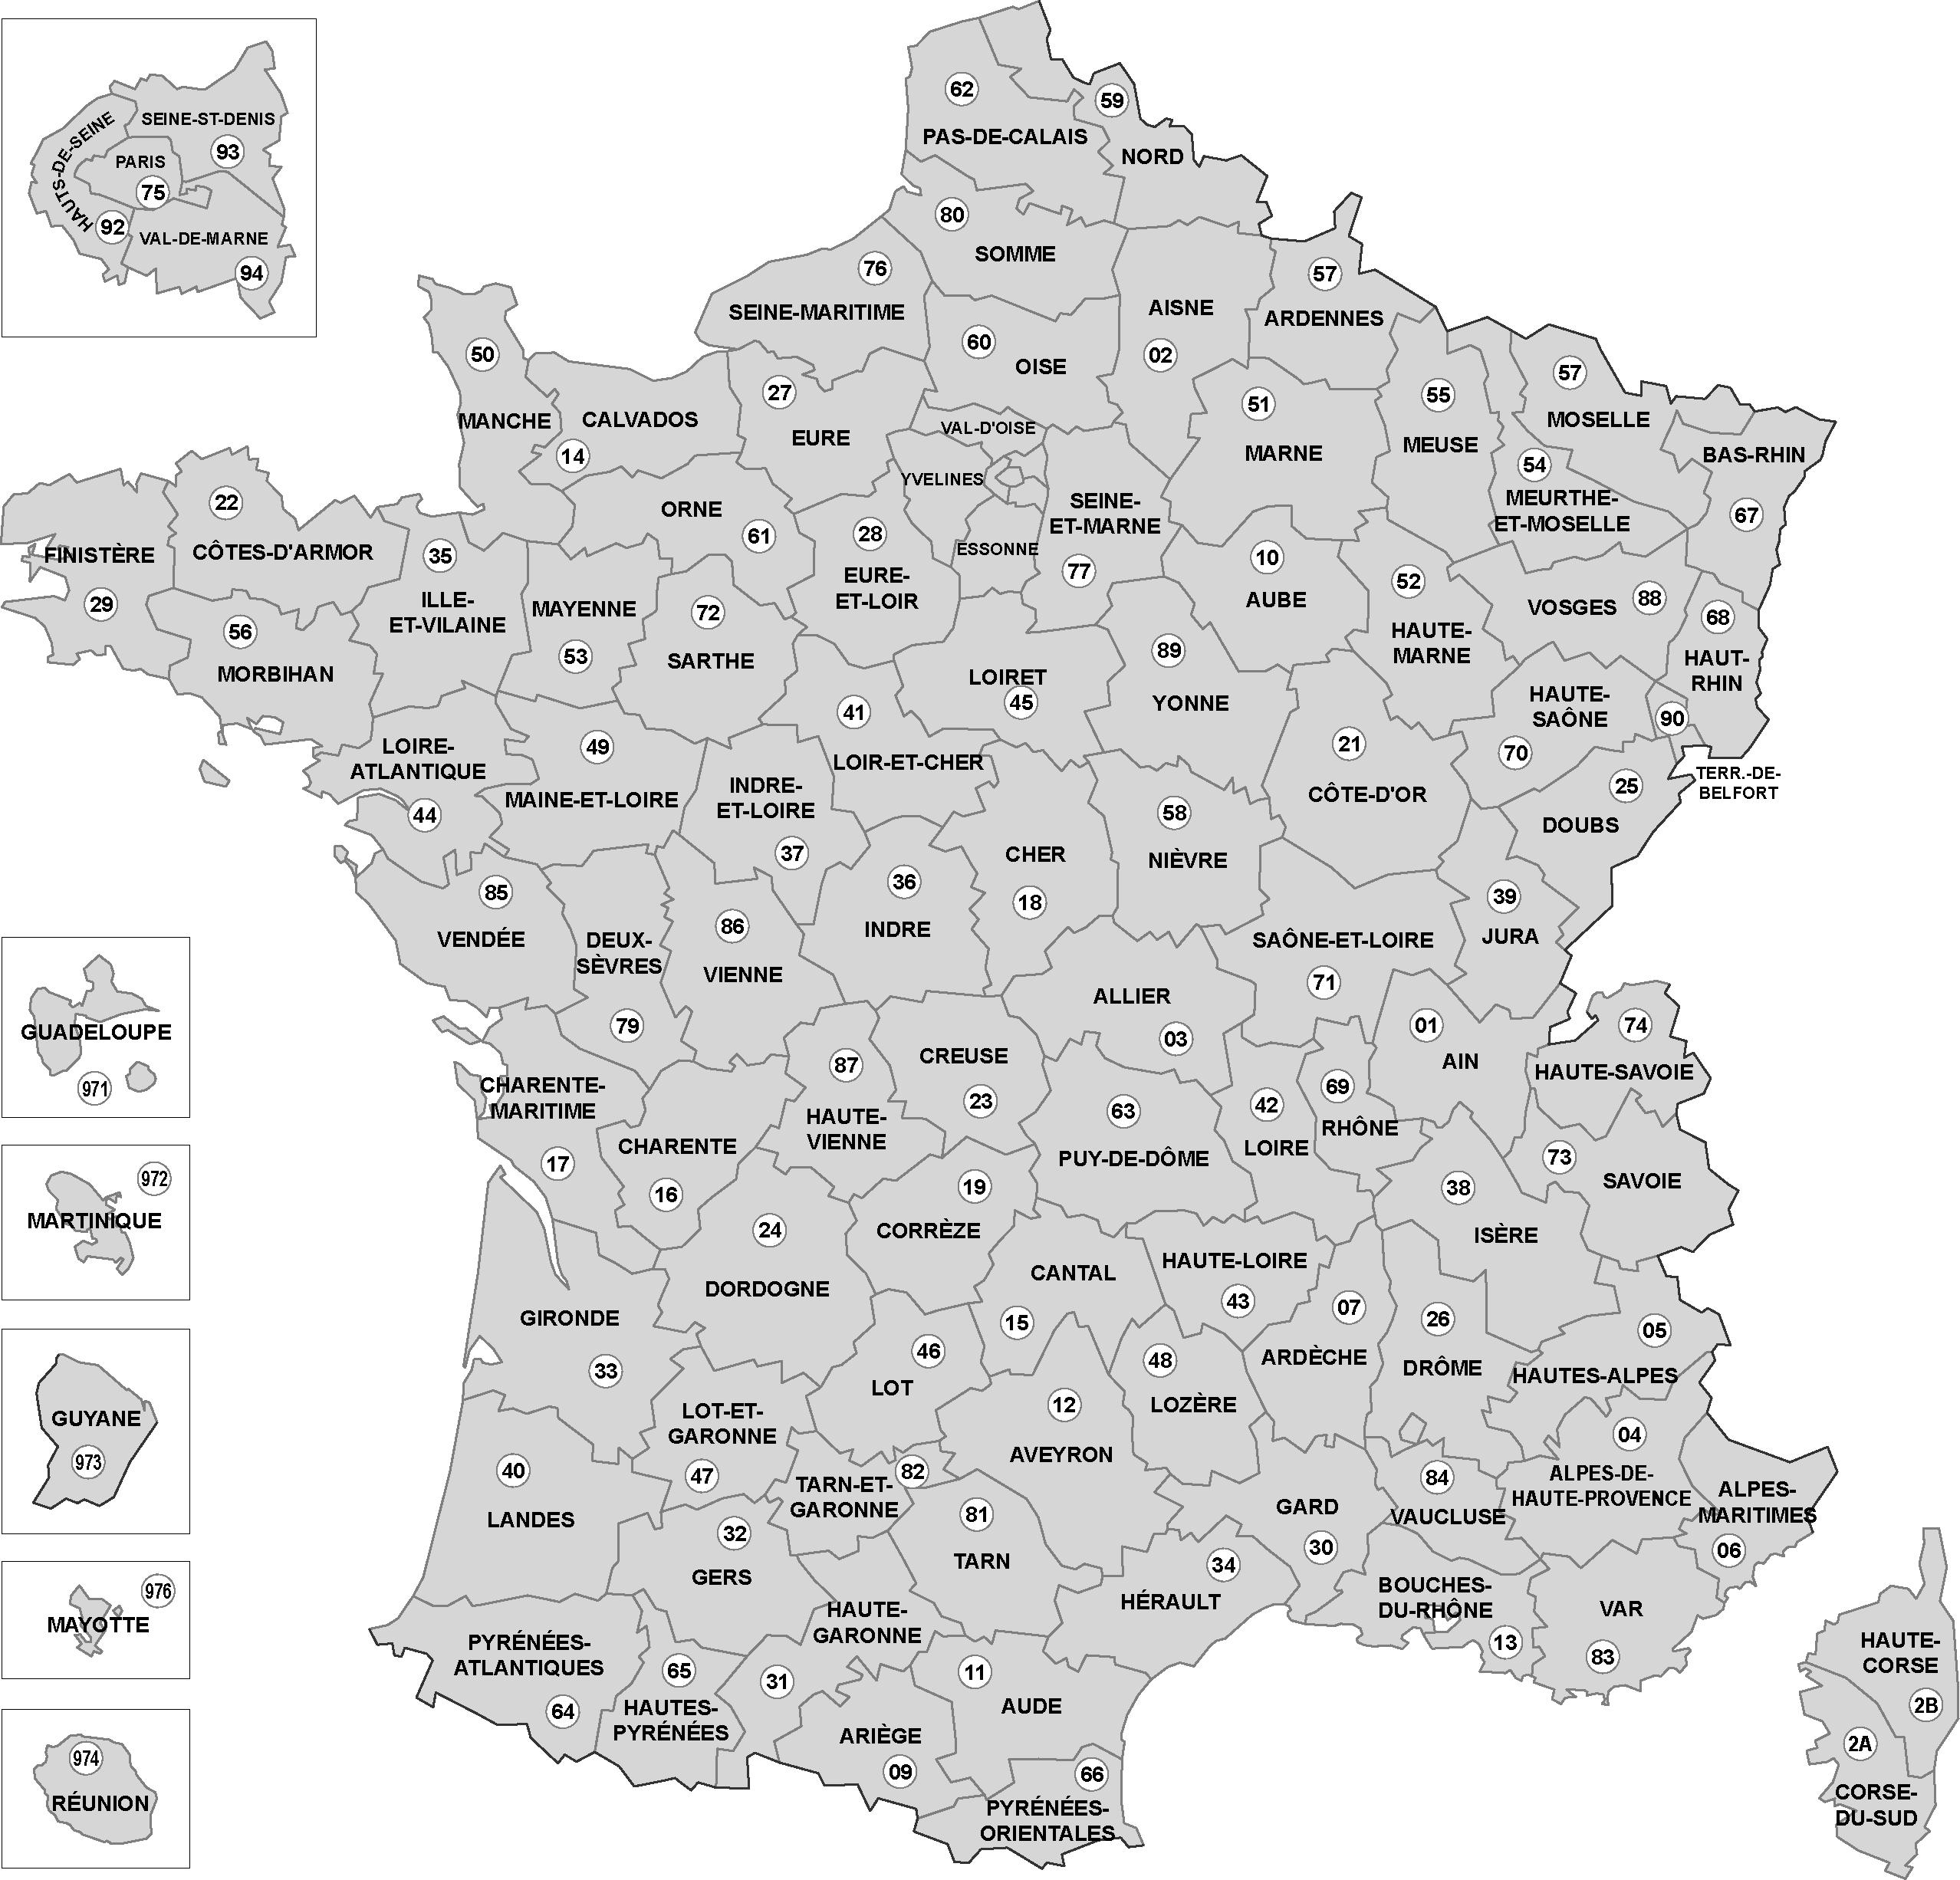 Cartes De France, Cartes Et Rmations Des Régions pour Carte Des Départements D Ile De France